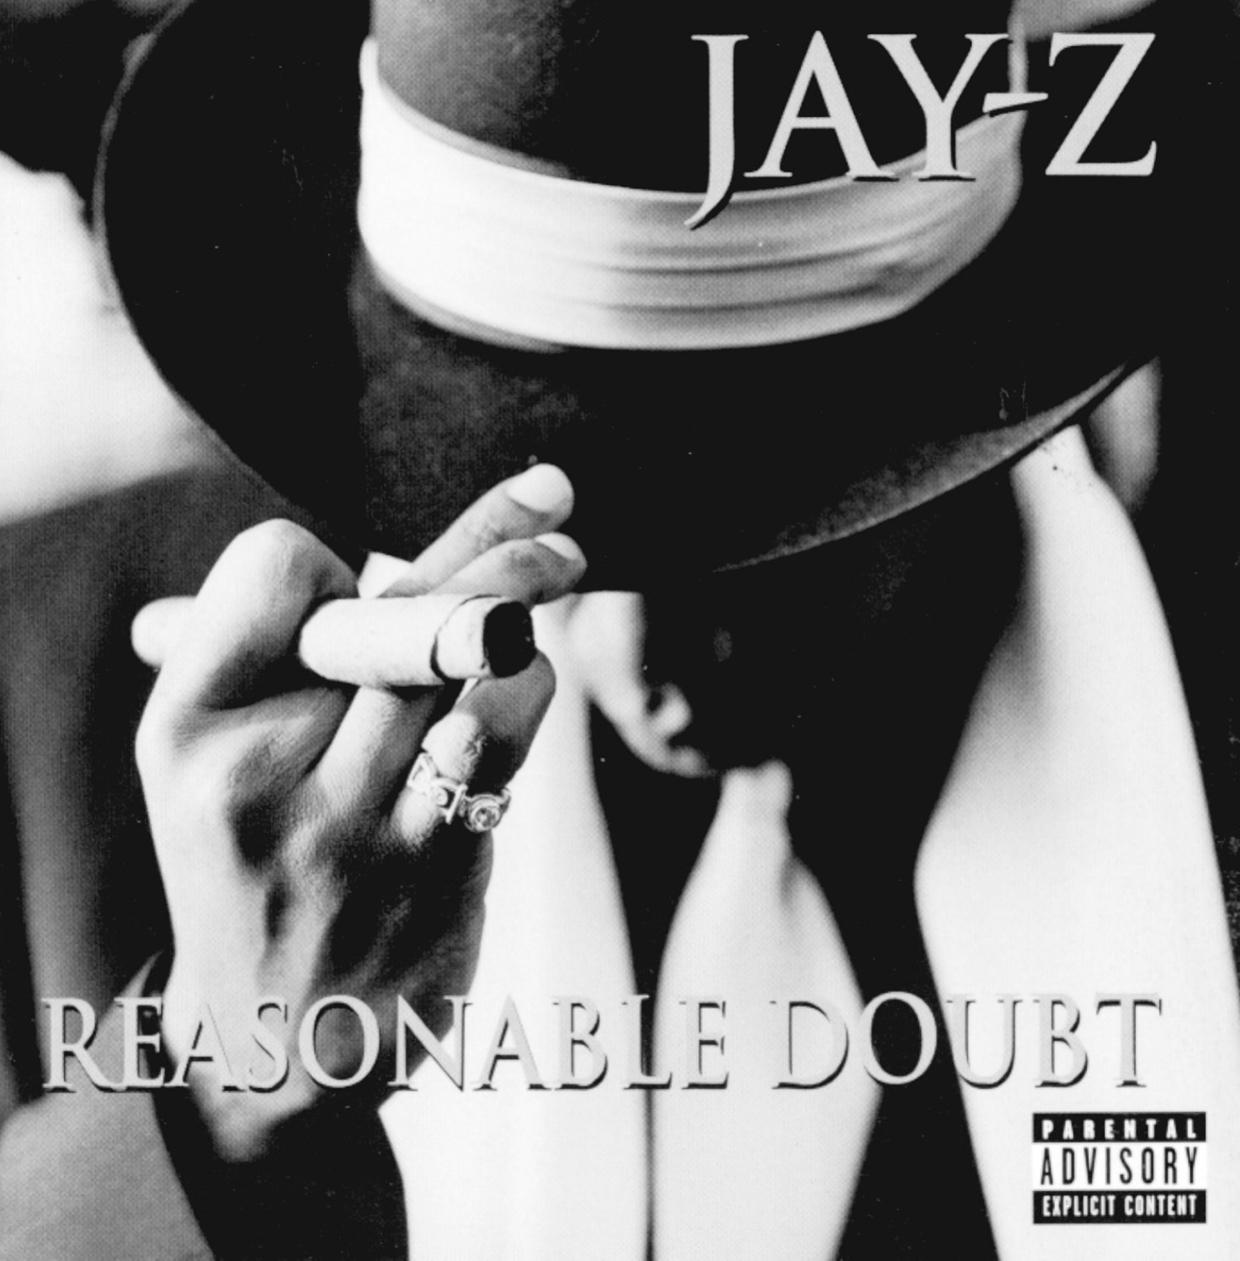 jay-z-reasonable-doubt-album-billboard-1240.jpg